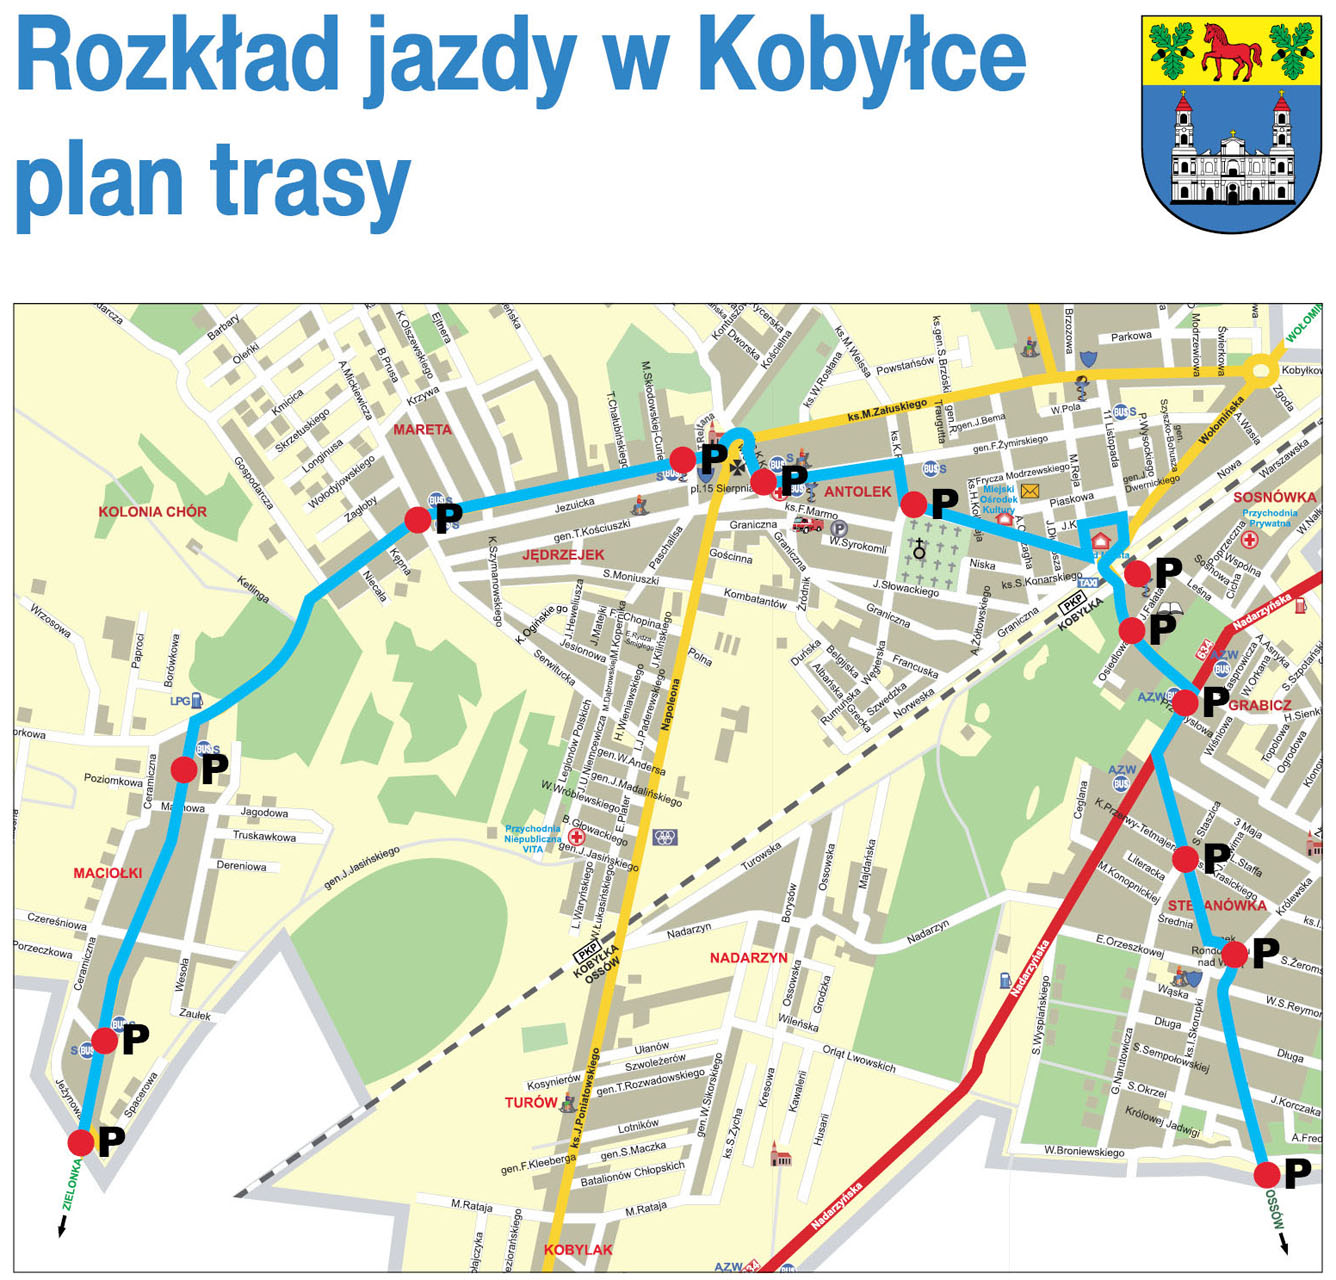 plan-trasy.jpg